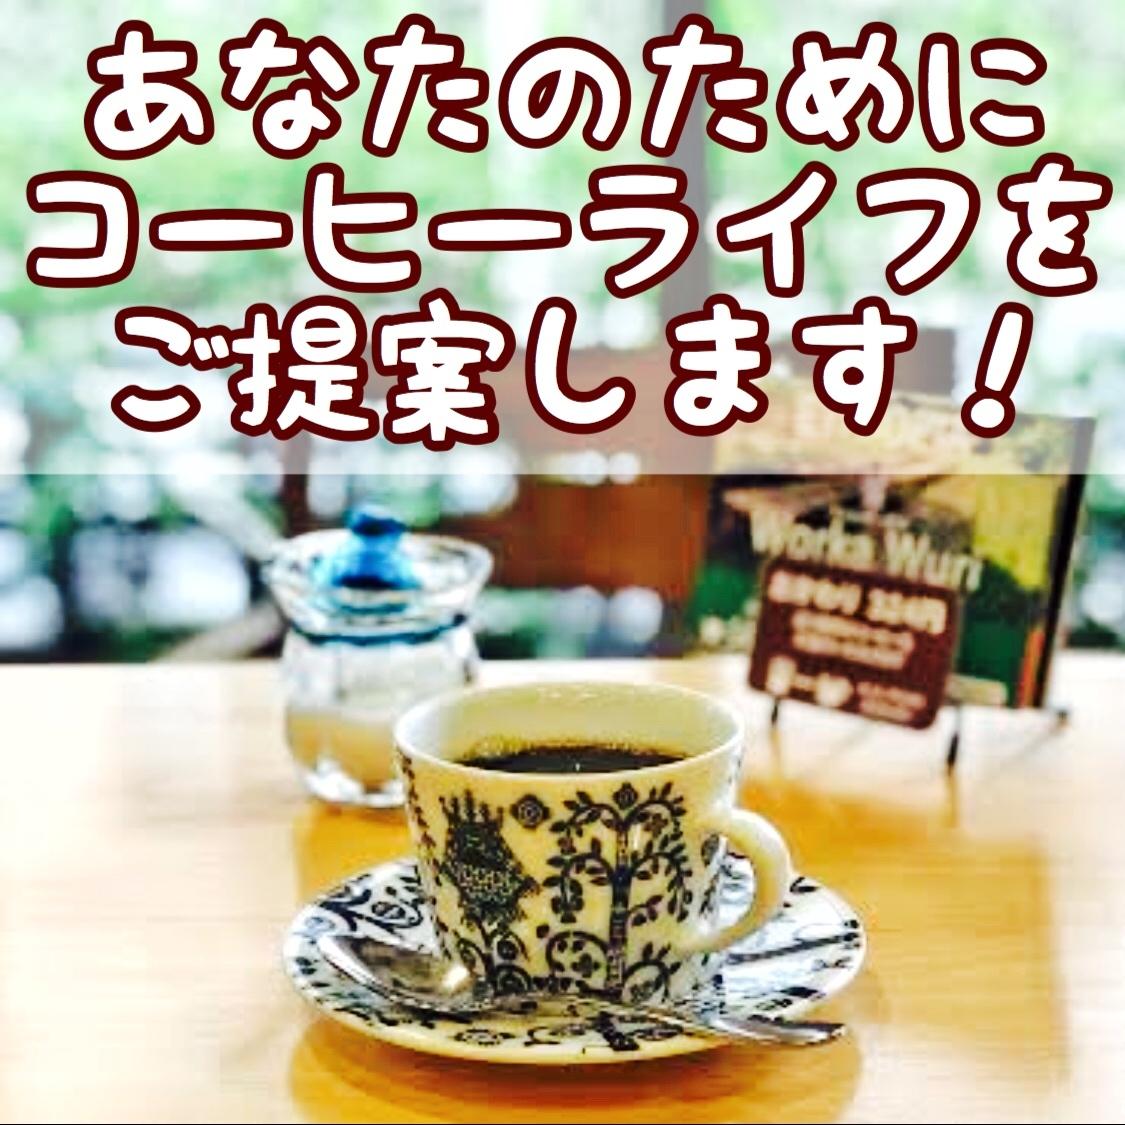 あなたのためにコーヒーライフをご提案します!